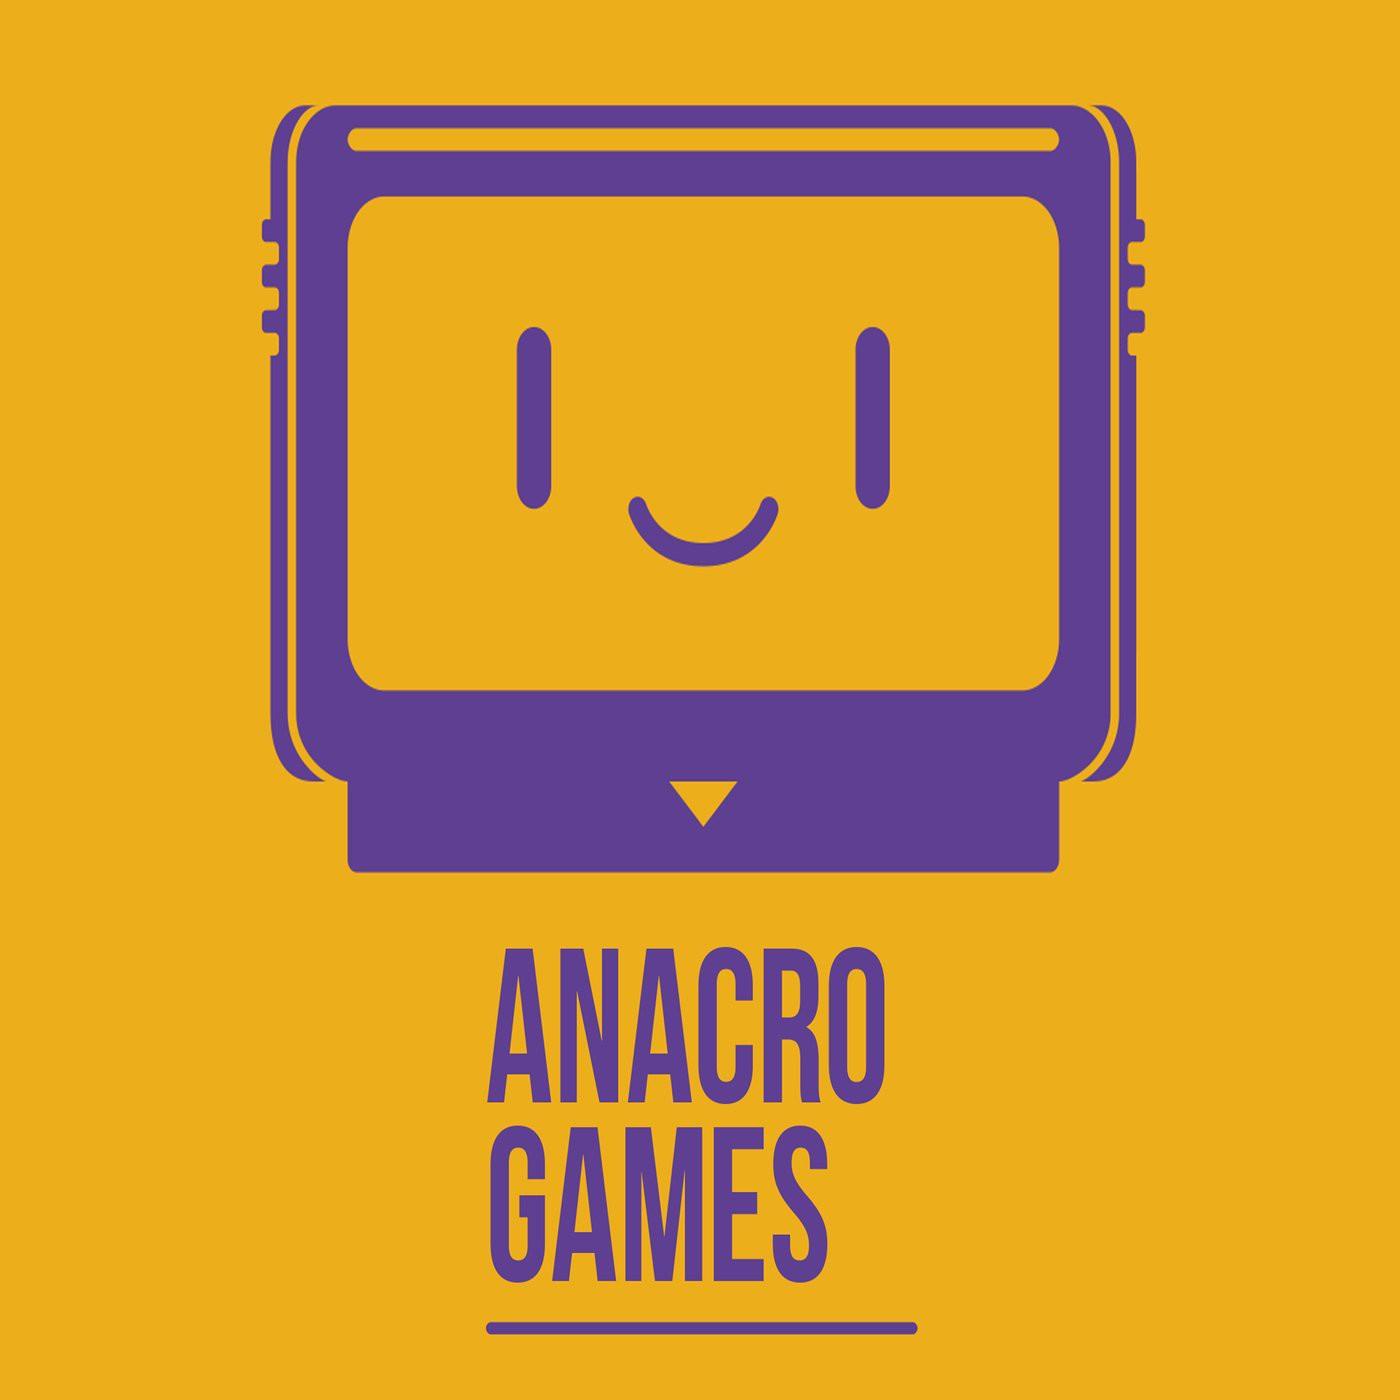 <![CDATA[Anacrogames - Anacronía y Videojuegos]]>